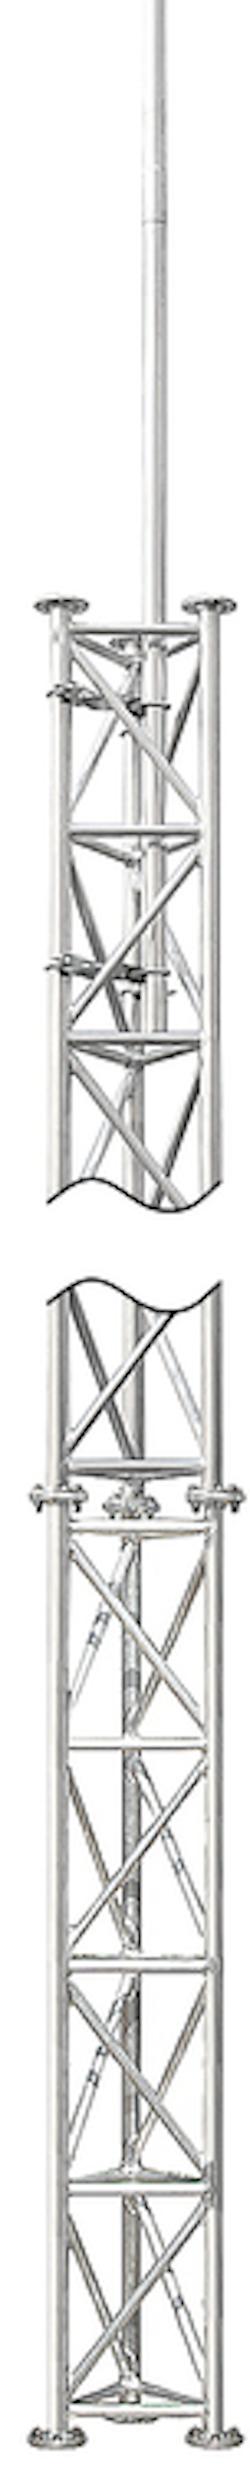 Fackverksmast / rör aluminium 5,5 m komplett med fällbar fot